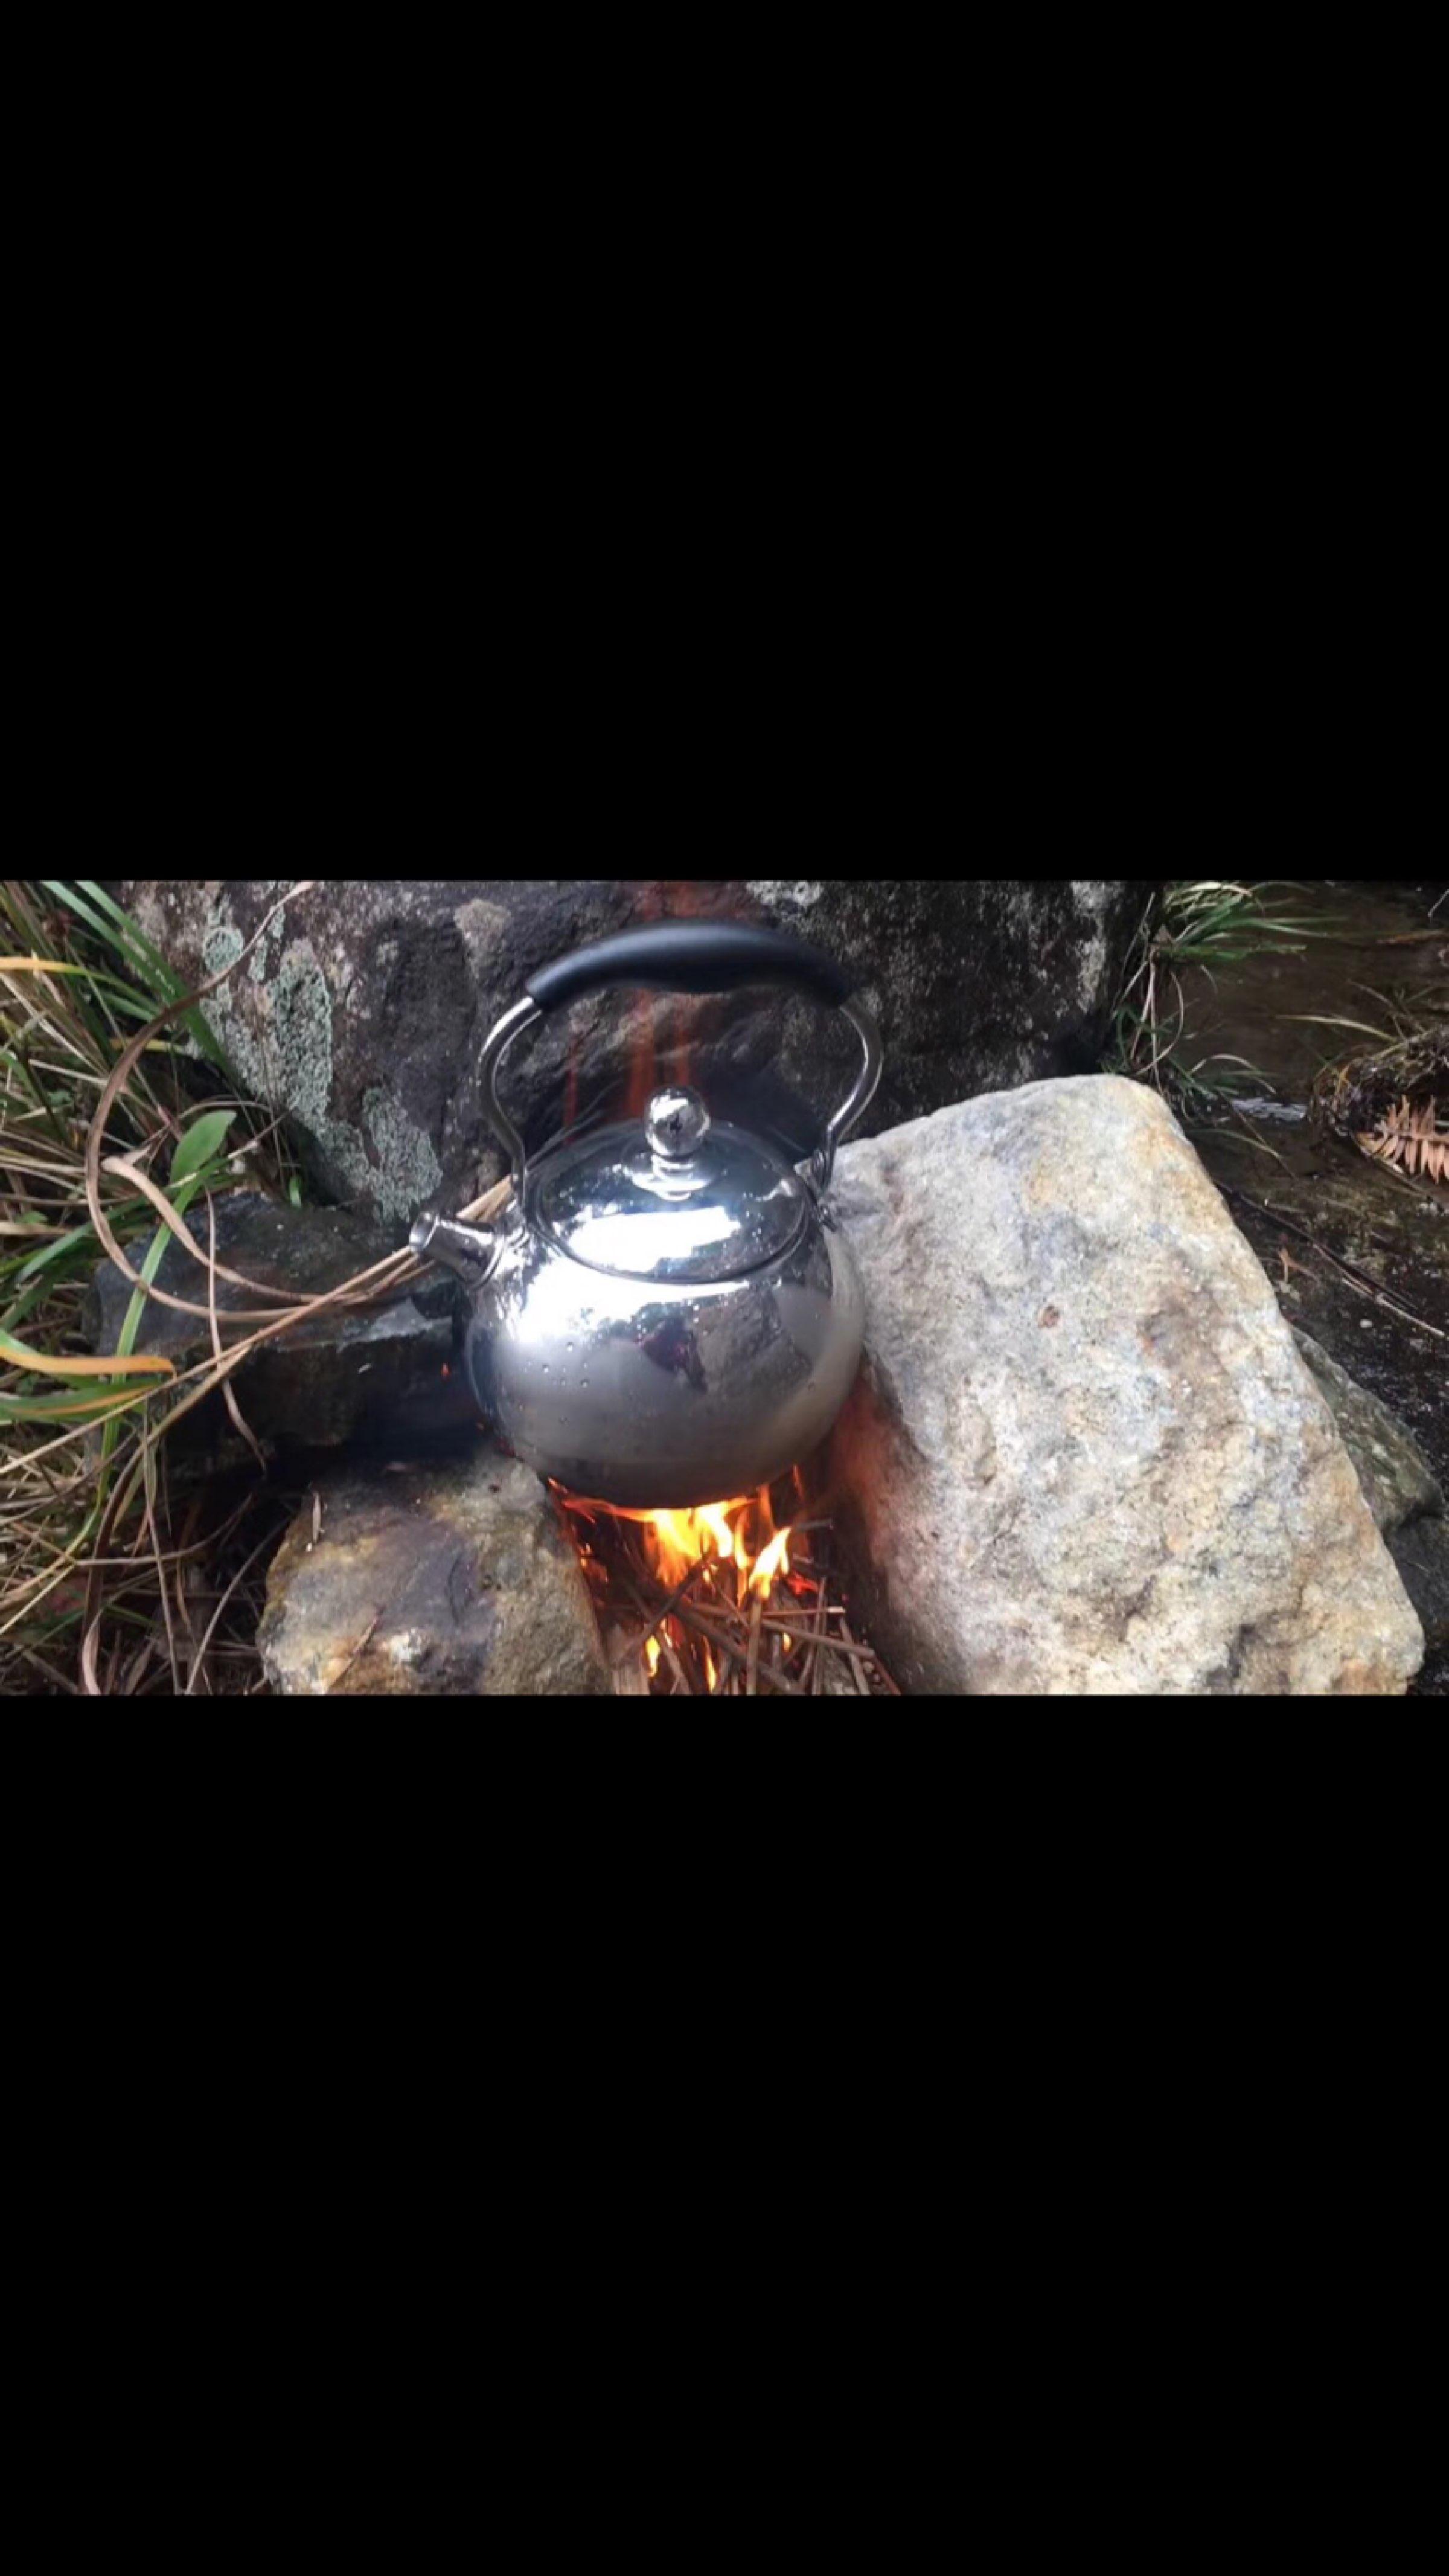 深山老林之中饮一壶清茶,忘却那世间浮华